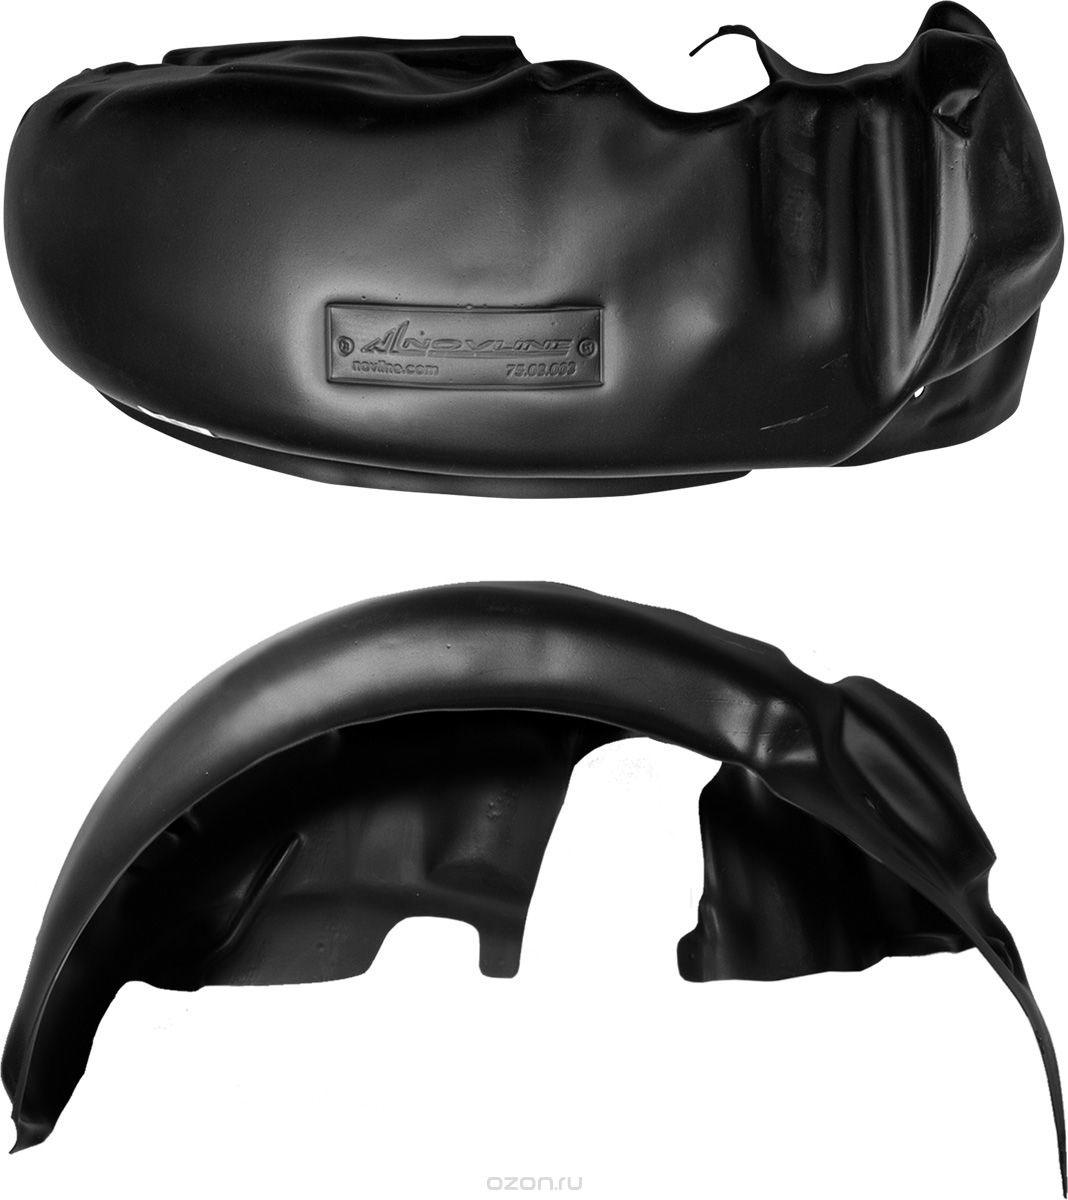 Подкрылок Novline-Autofamily, для CHERY Tiggo FL, 2013->, передний левыйNLL.77.07.001Идеальная защита колесной ниши. Локеры разработаны с применением цифровых технологий, гарантируют максимальную повторяемость поверхности арки. Изделия устанавливаются без нарушения лакокрасочного покрытия автомобиля, каждый подкрылок комплектуется крепежом. Уважаемые клиенты, обращаем ваше внимание, что фотографии на подкрылки универсальные и не отражают реальную форму изделия. При этом само изделие идет точно под размер указанного автомобиля.